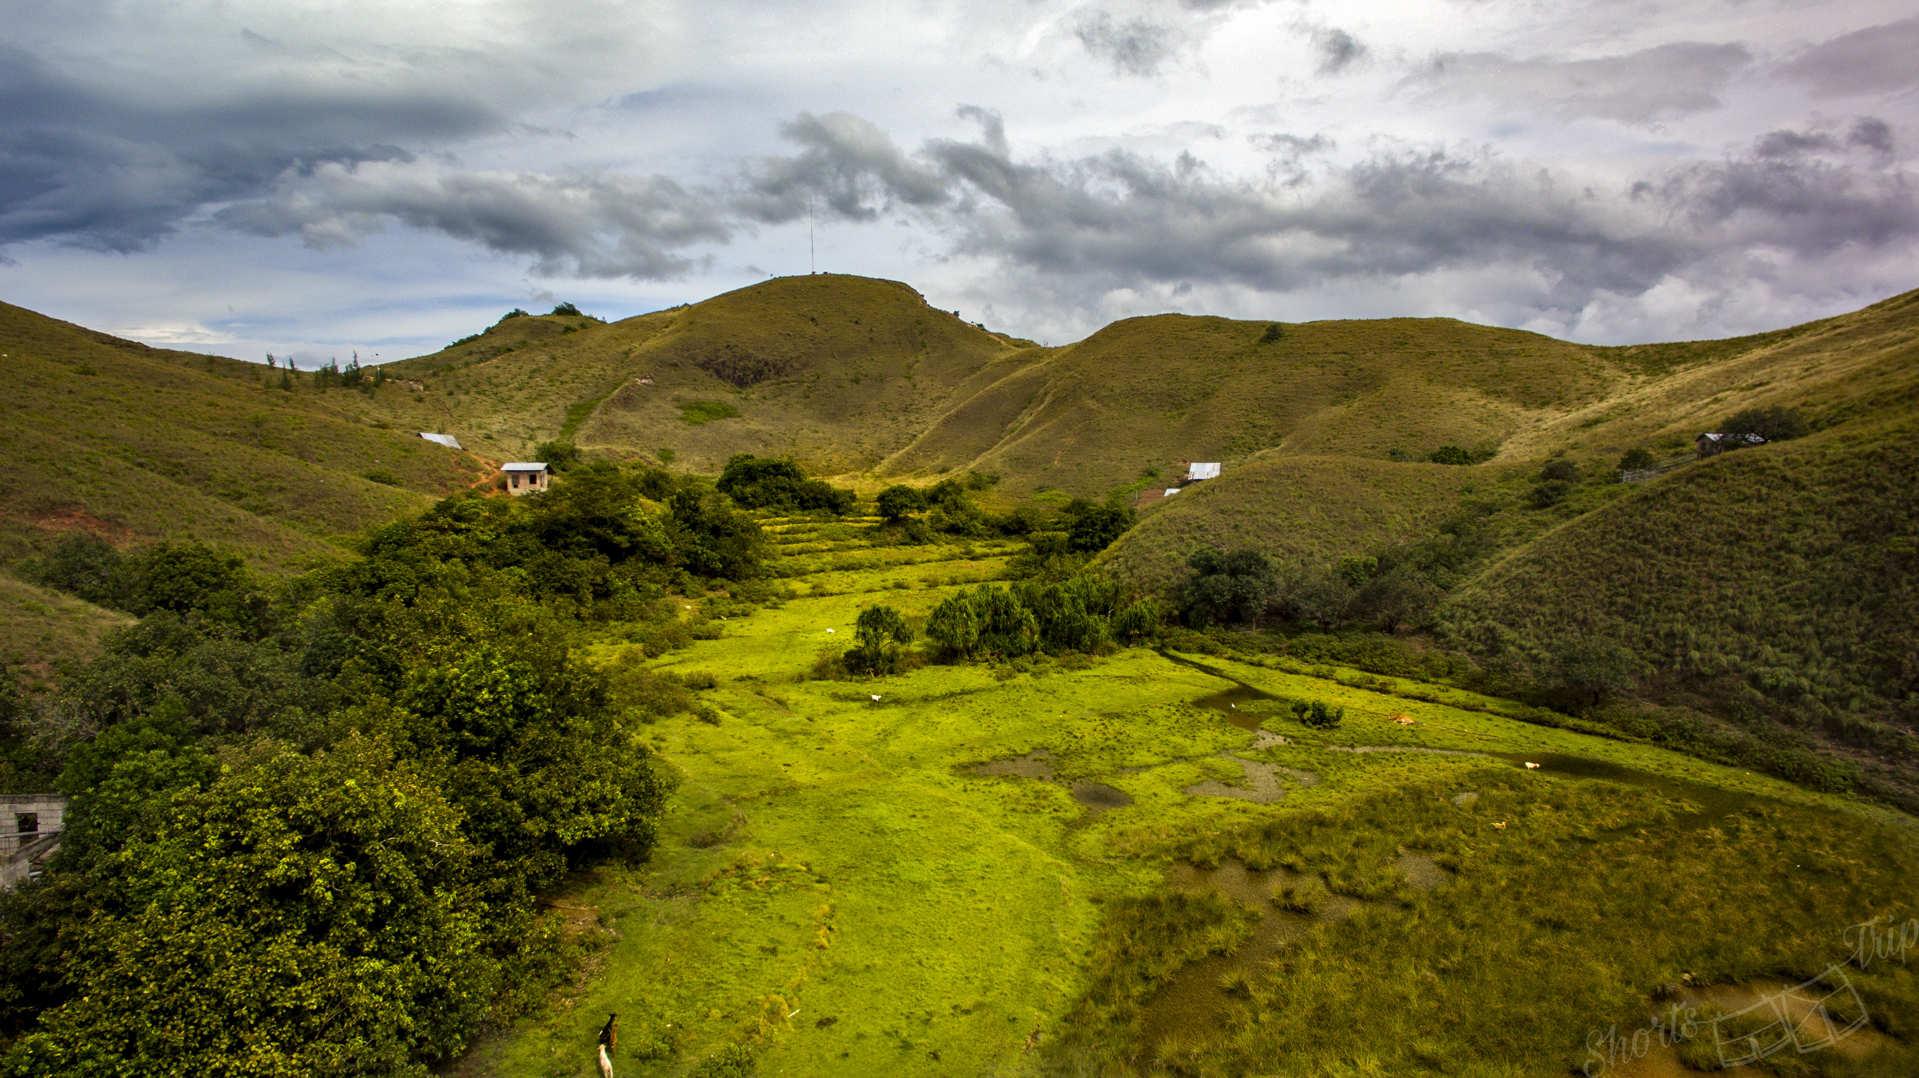 mararison drone, mararison hike, mararison view